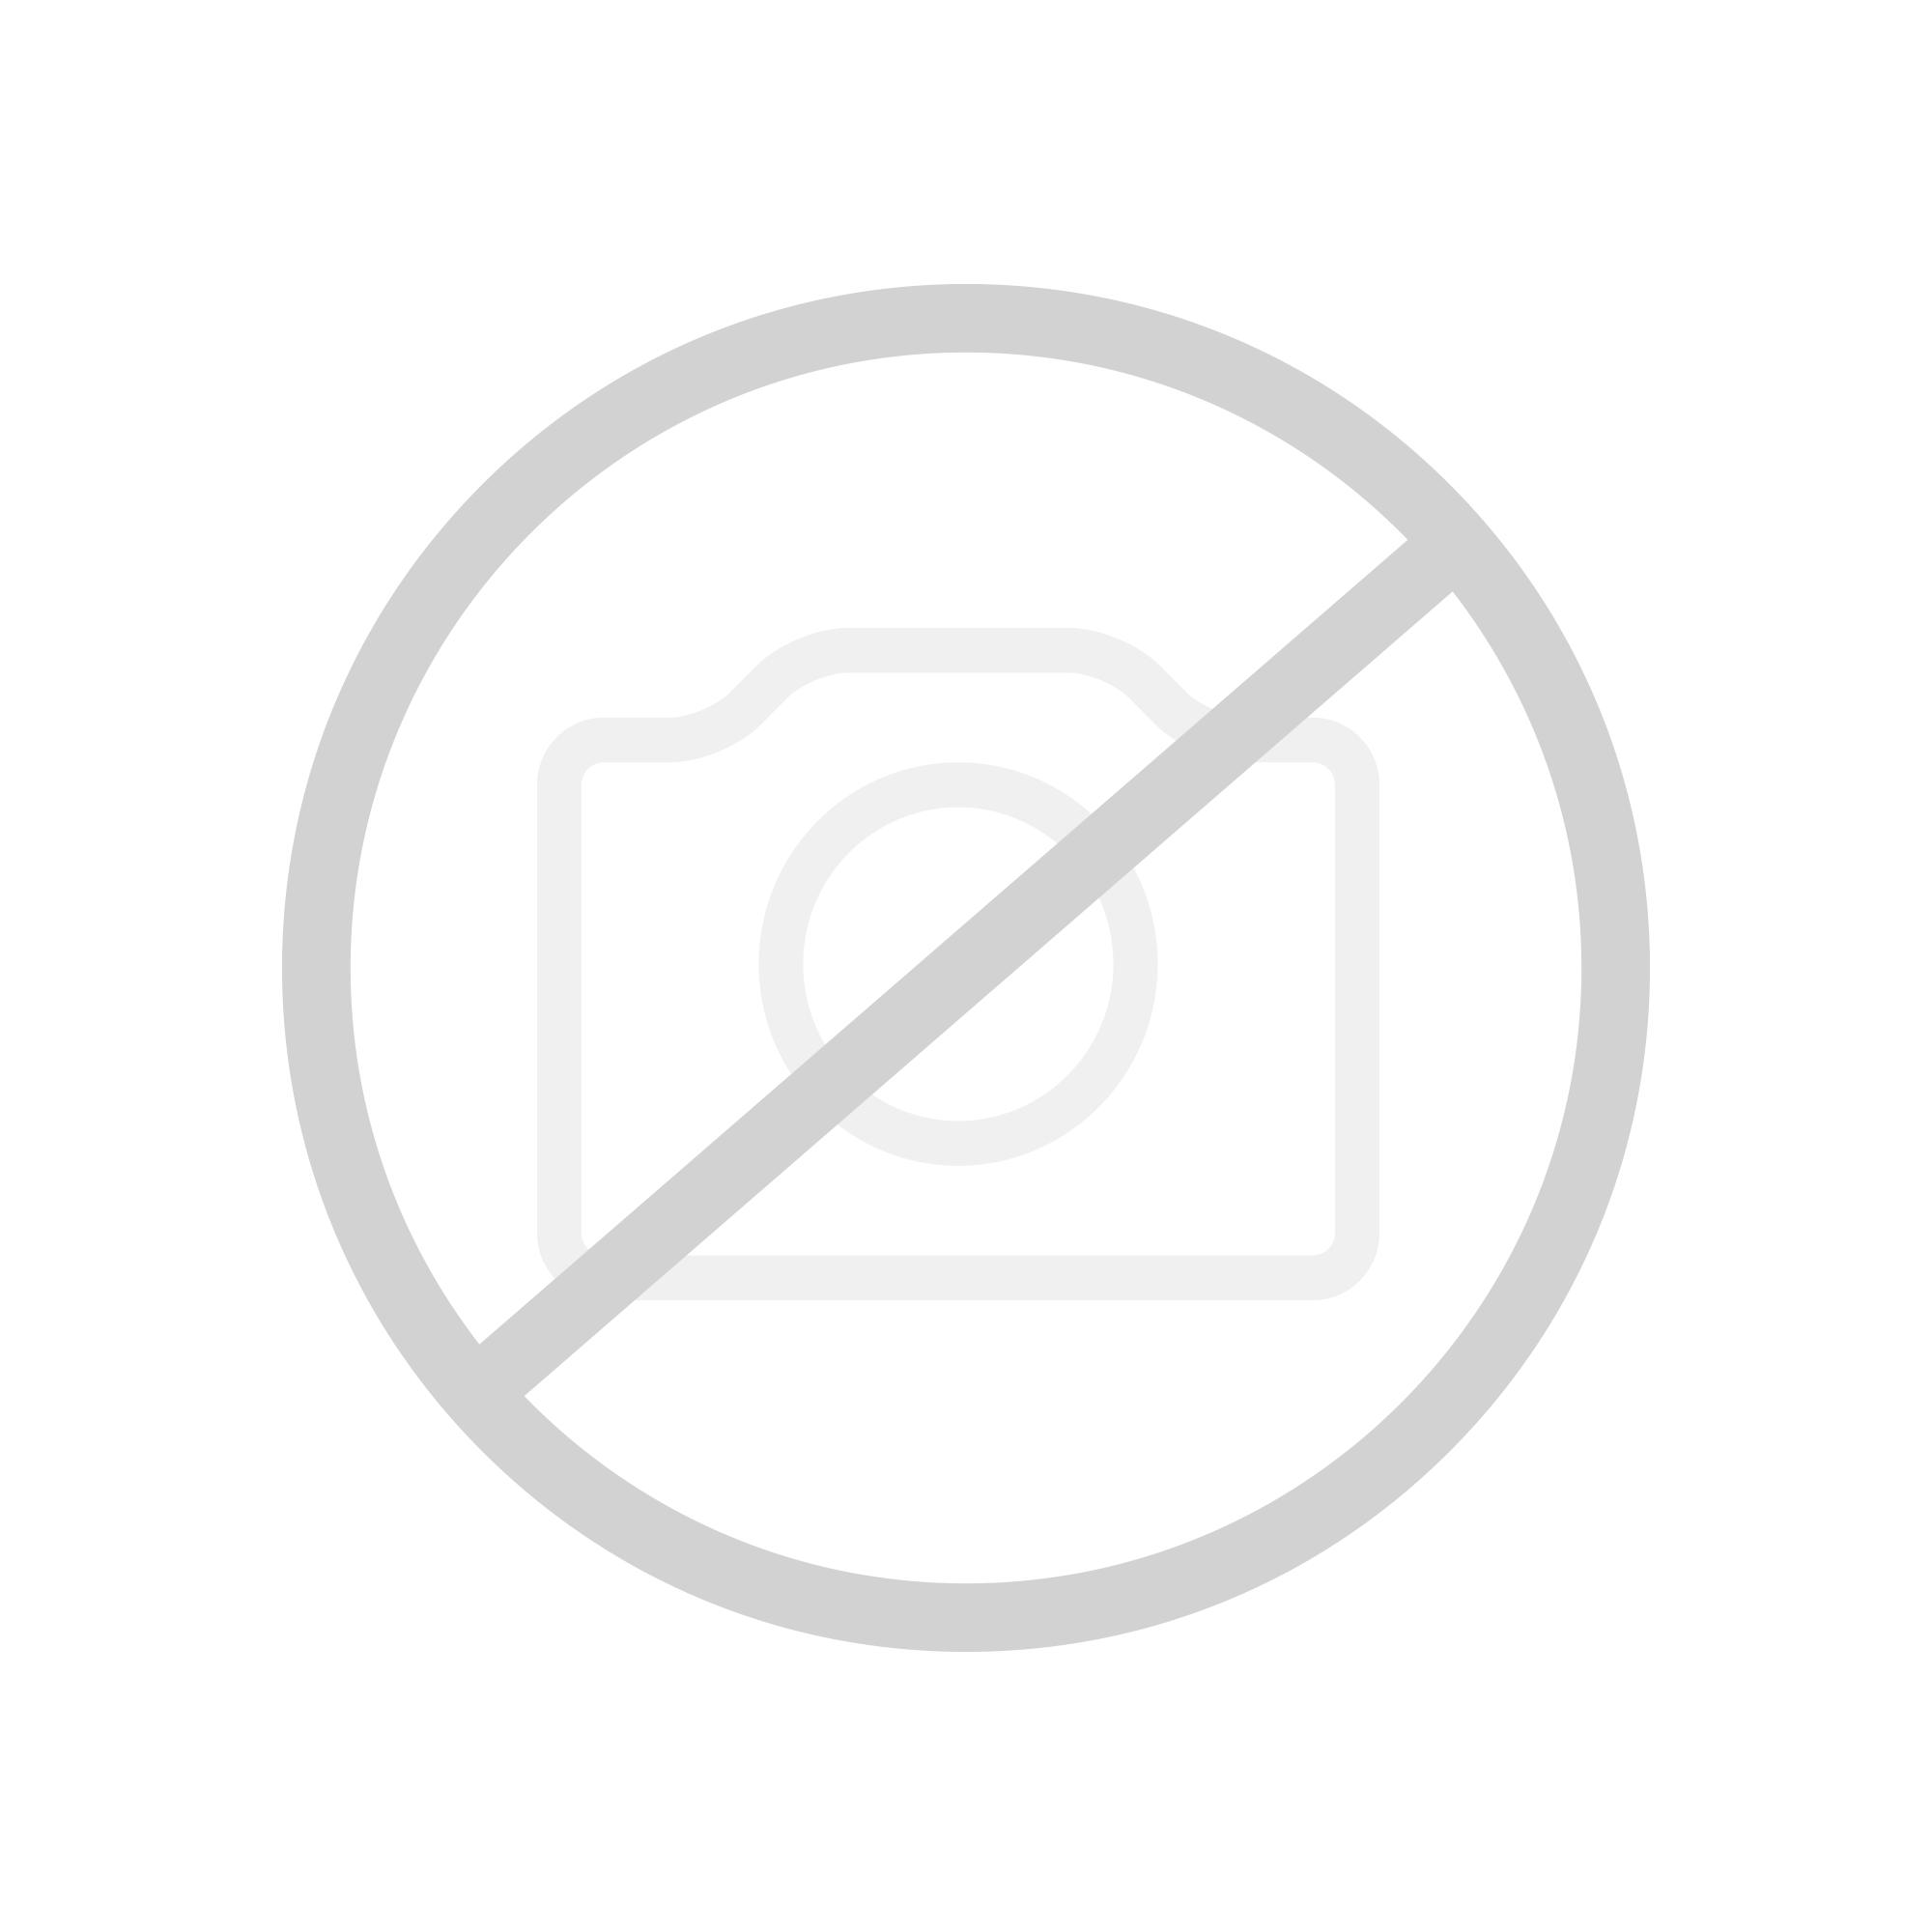 Keuco Edition 11 Einhebel-Waschtischmischer 110 ohne Ablaufgarnitur